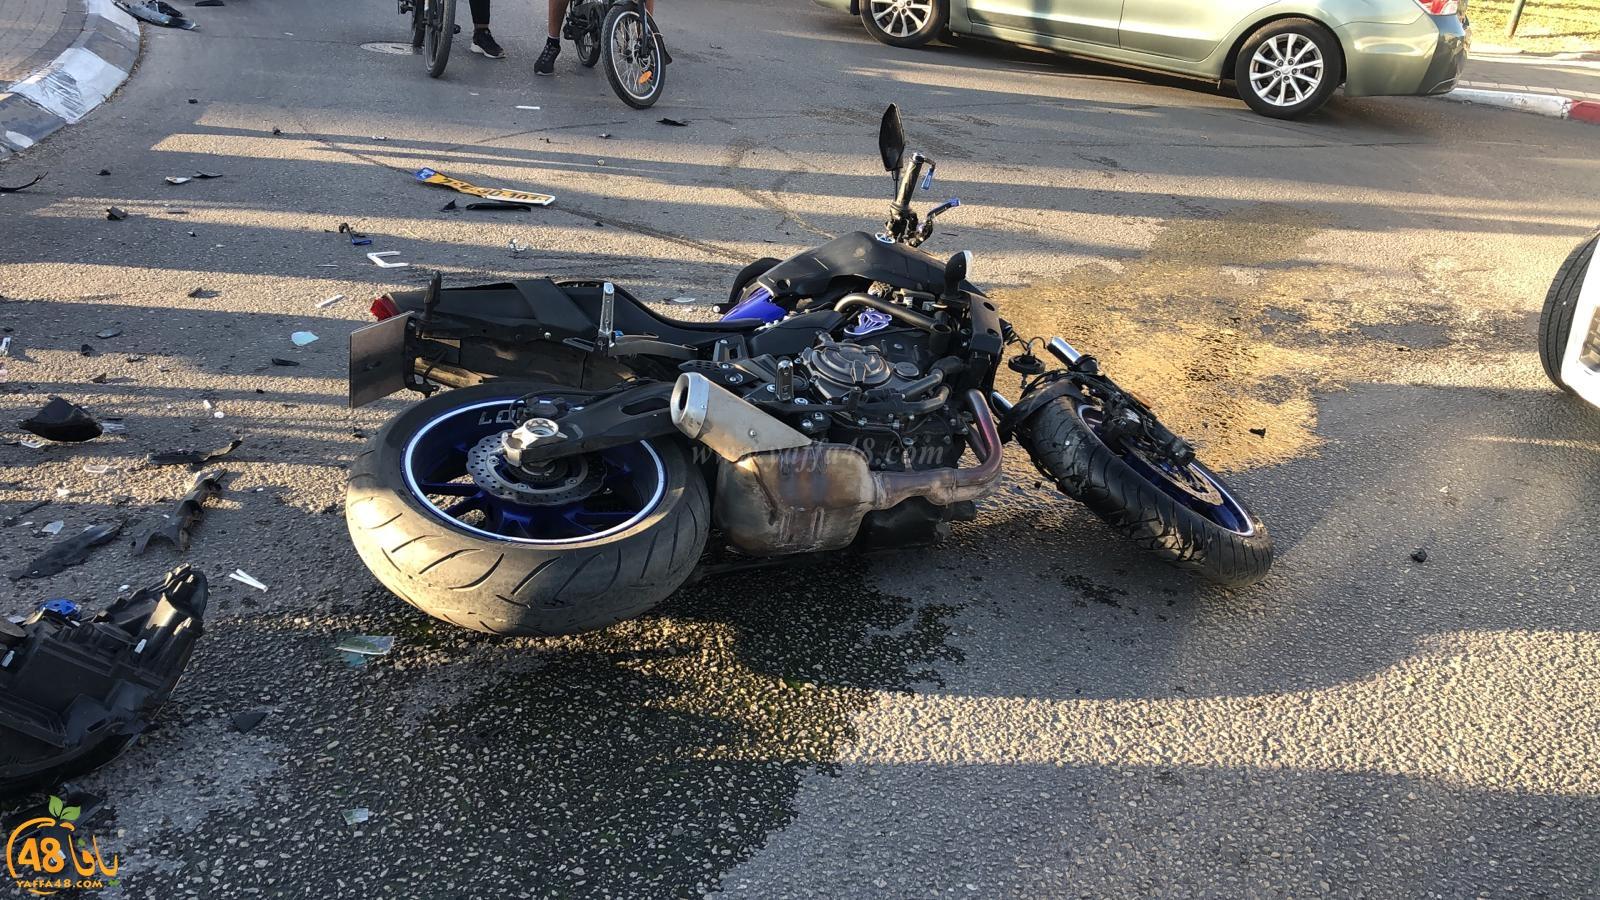 فيديو: اصابة متوسطة لراكب دراجة نارية بحادث طرق بيافا